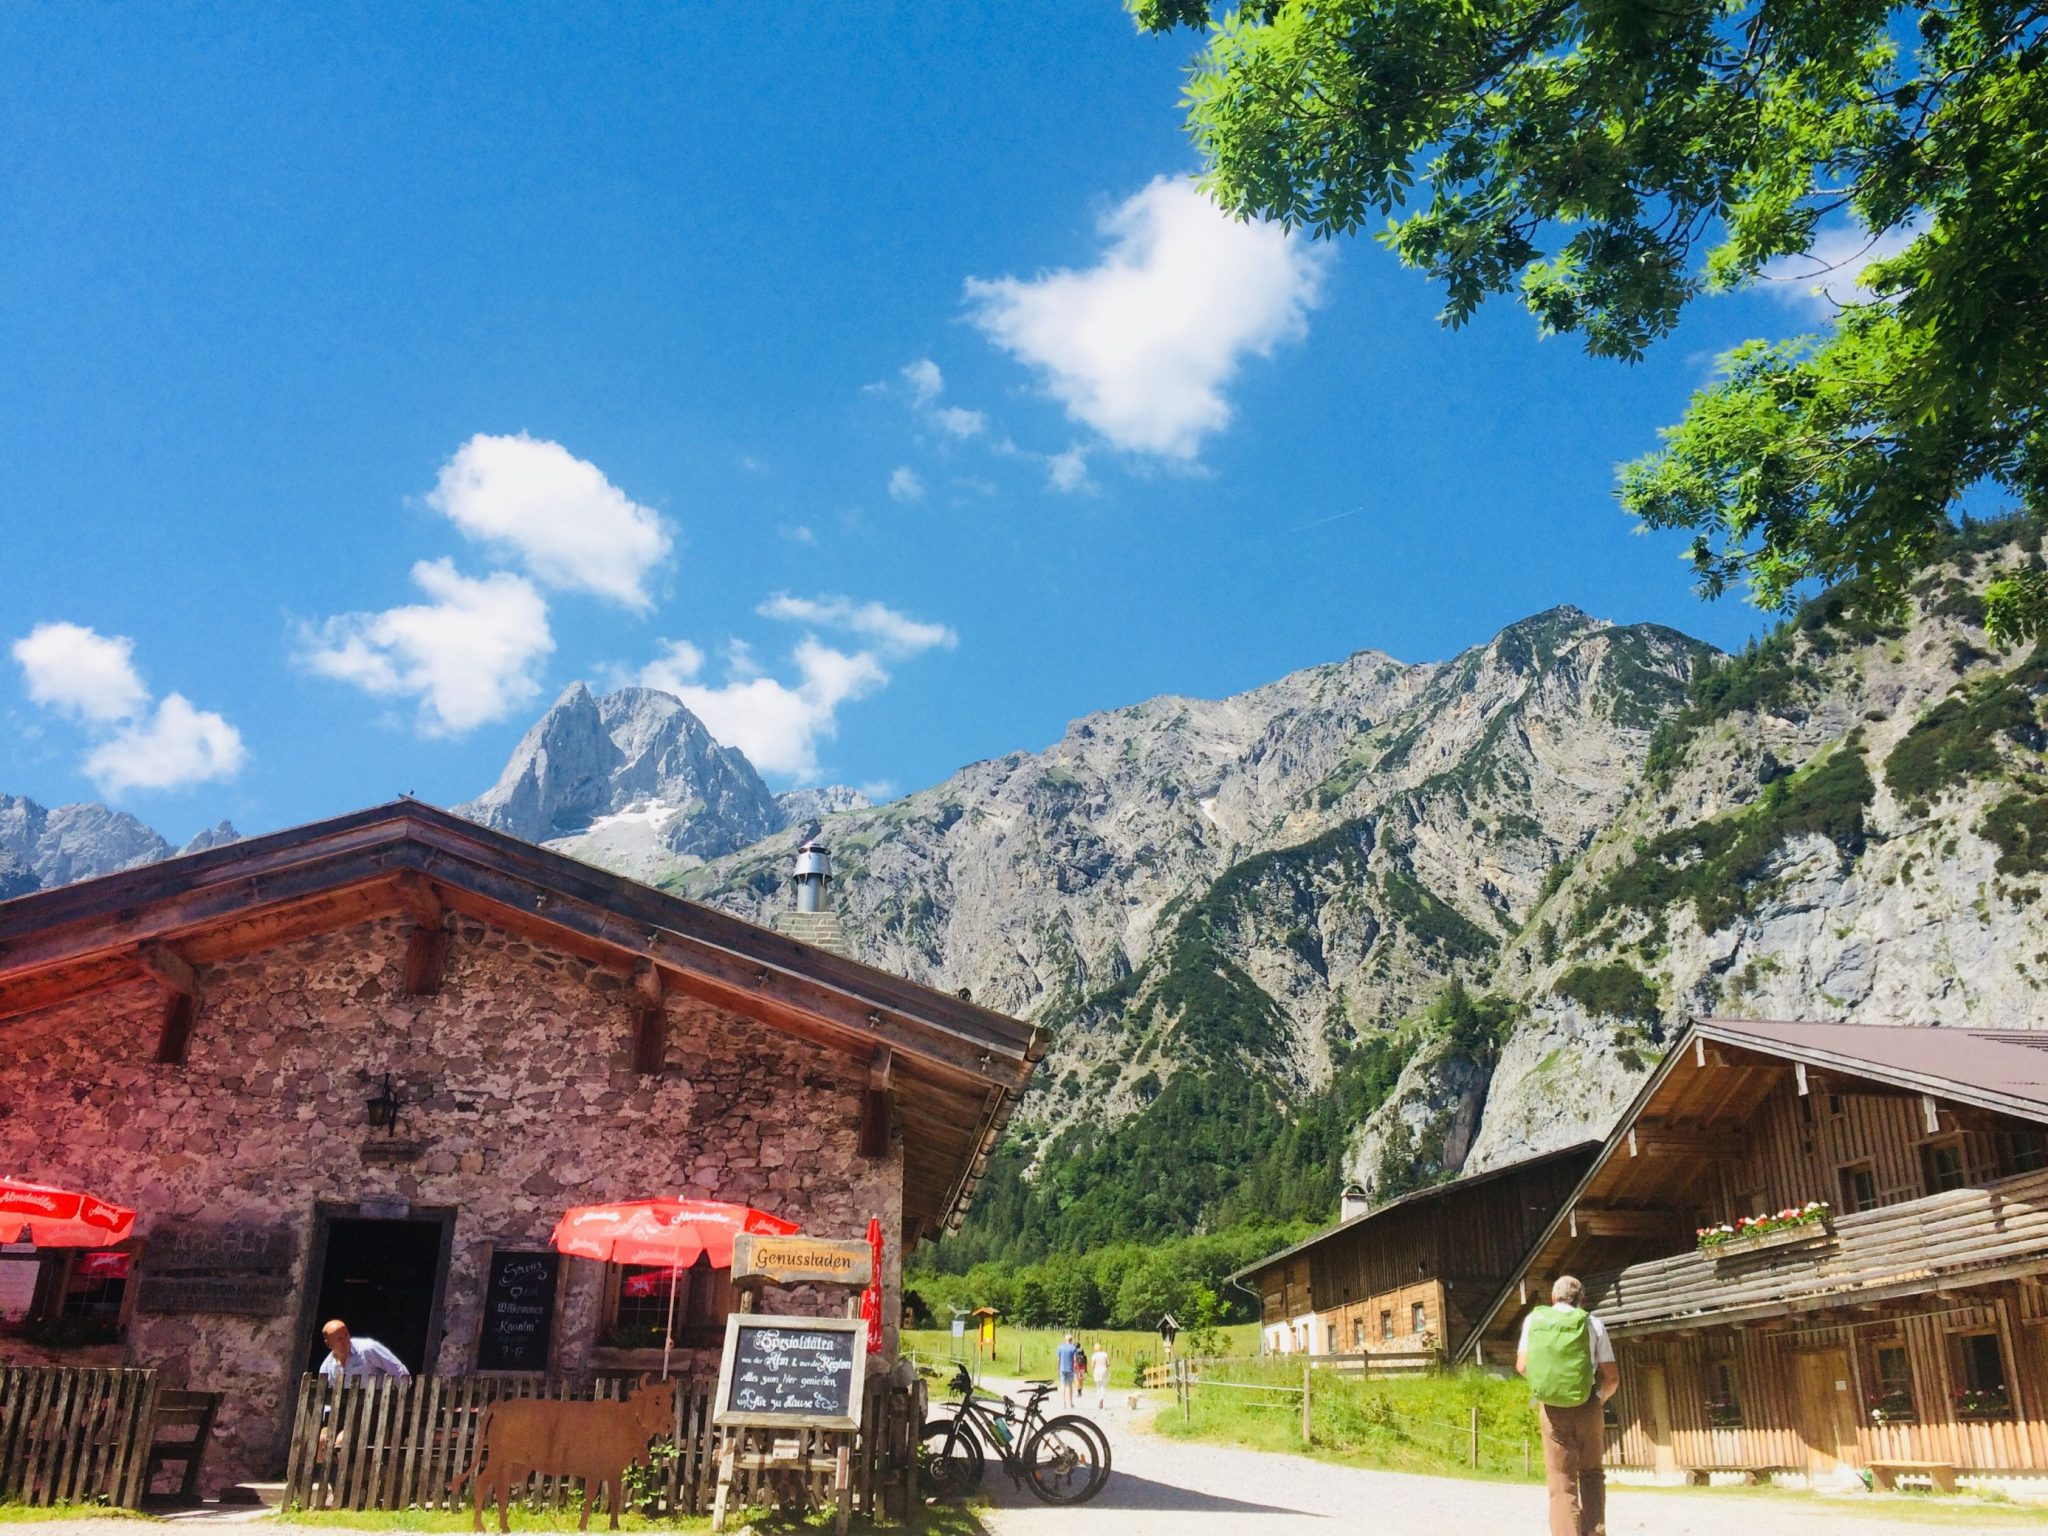 Traumhafter Blick von der Gramai Alm inmitten der Karwendeltäler | Climbers Paradise